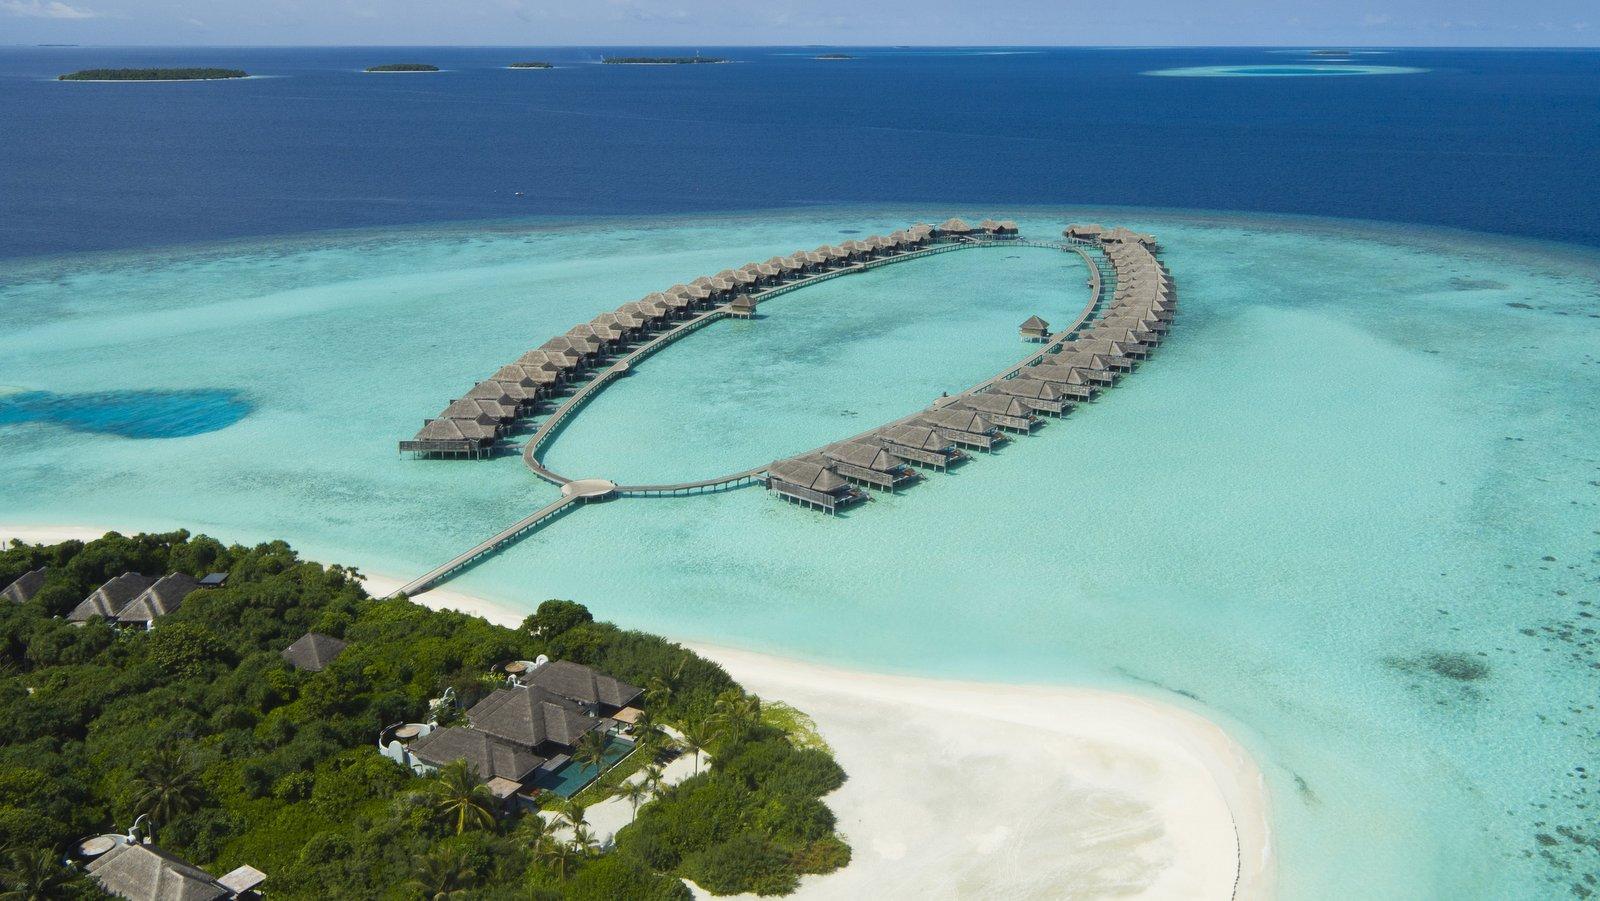 Мальдивы, отель Anantara Kihavah Maldives Villas, водные виллы